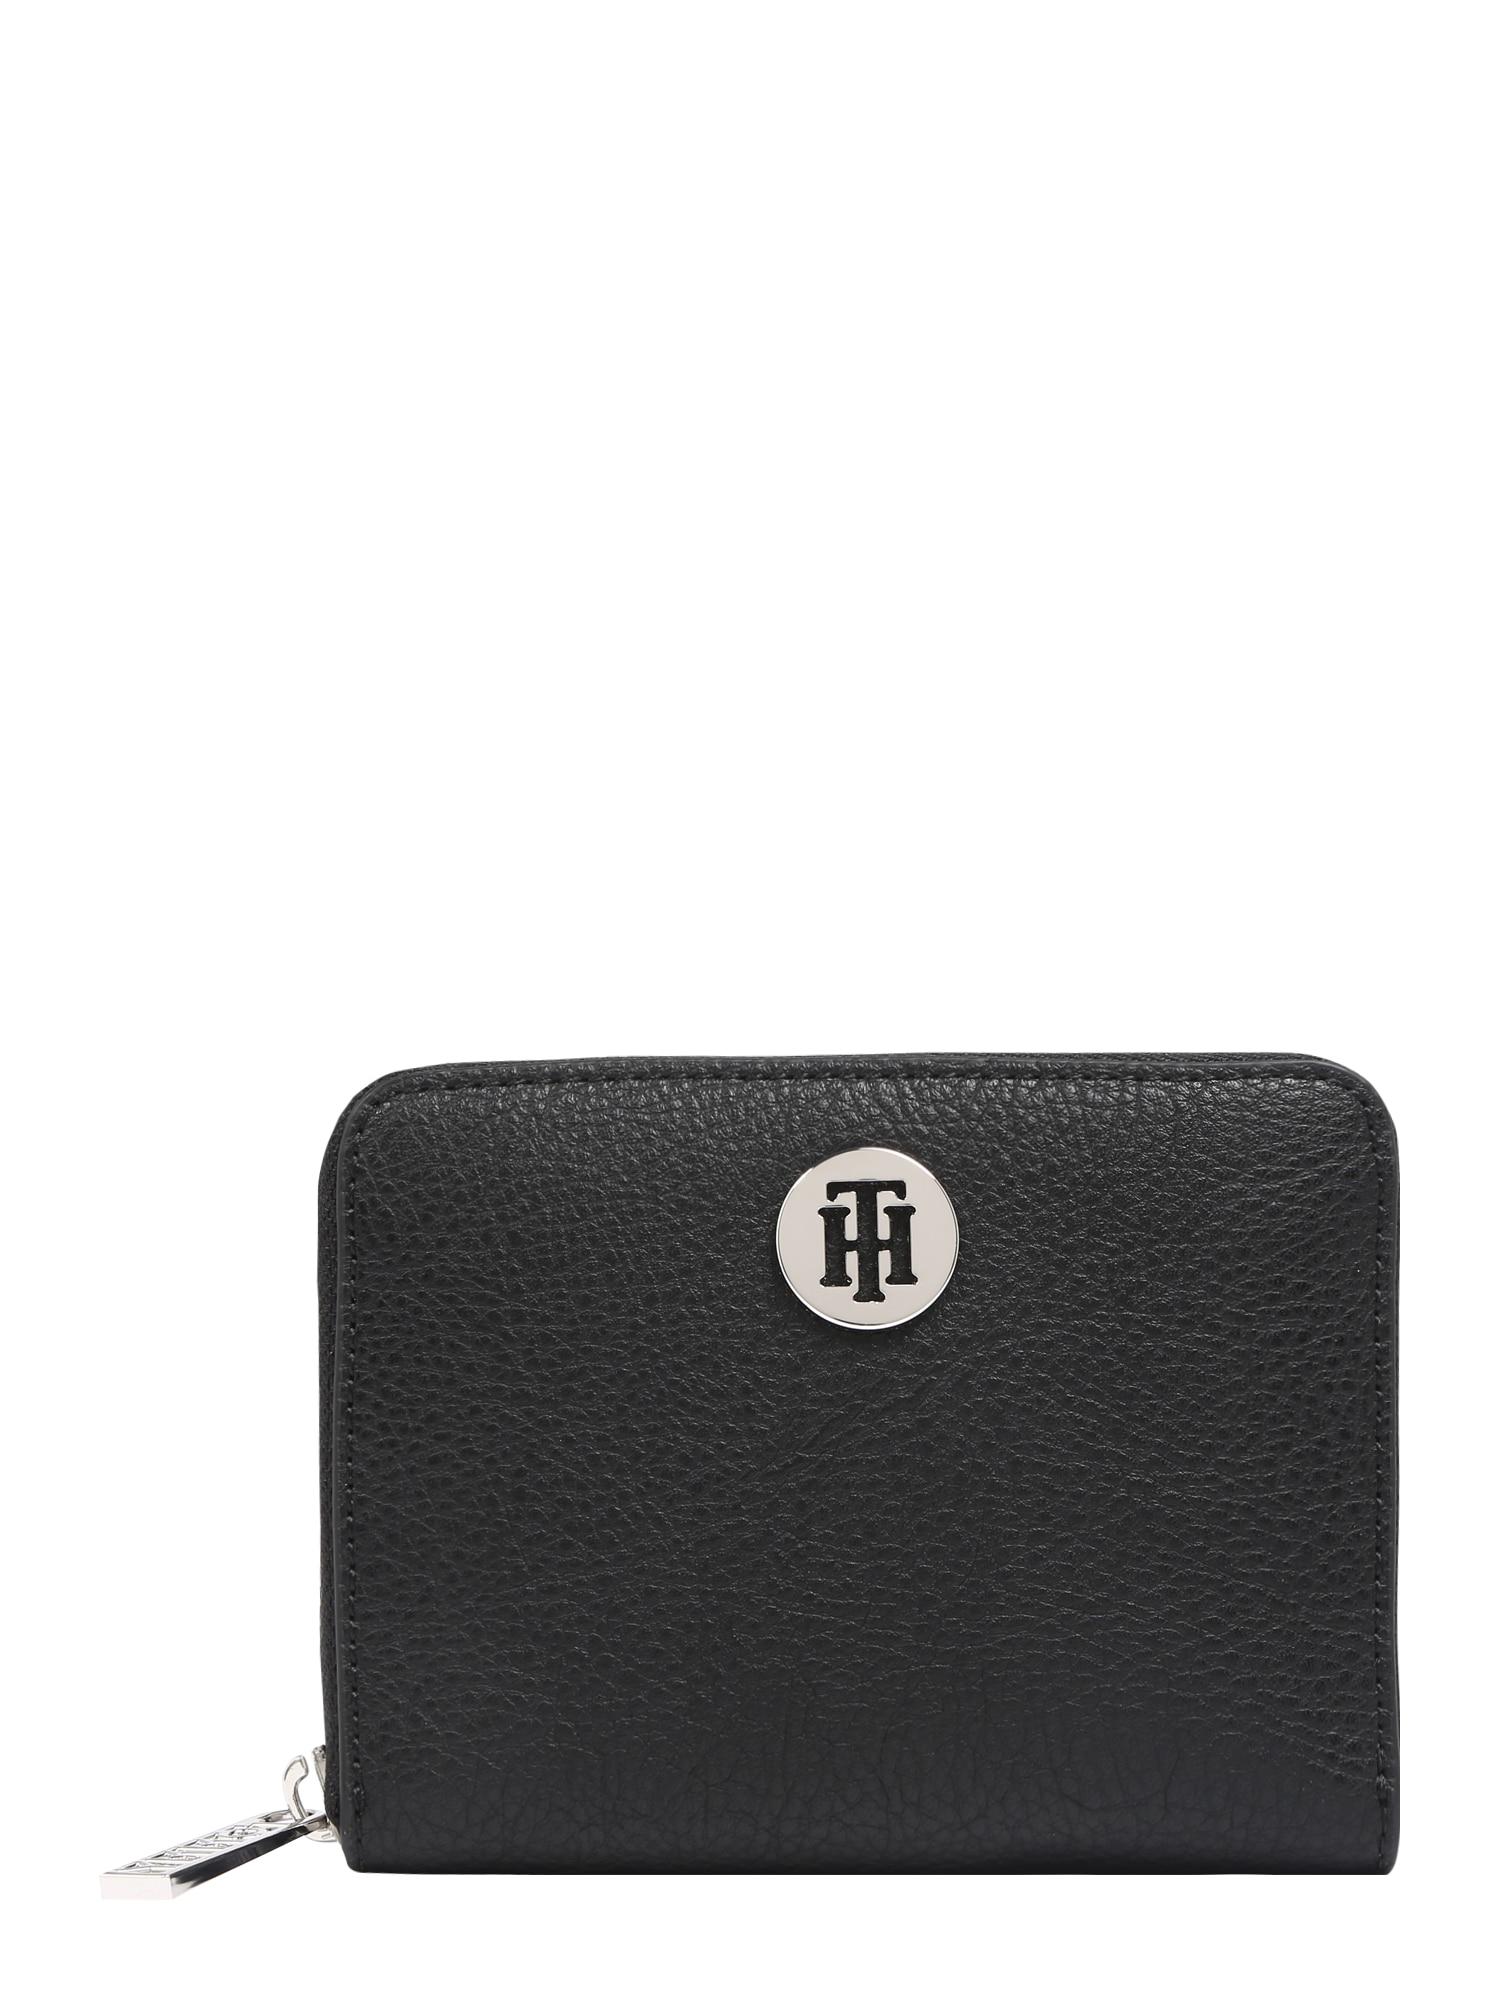 Peněženka TH Core Compact ZA Wallet černá TOMMY HILFIGER